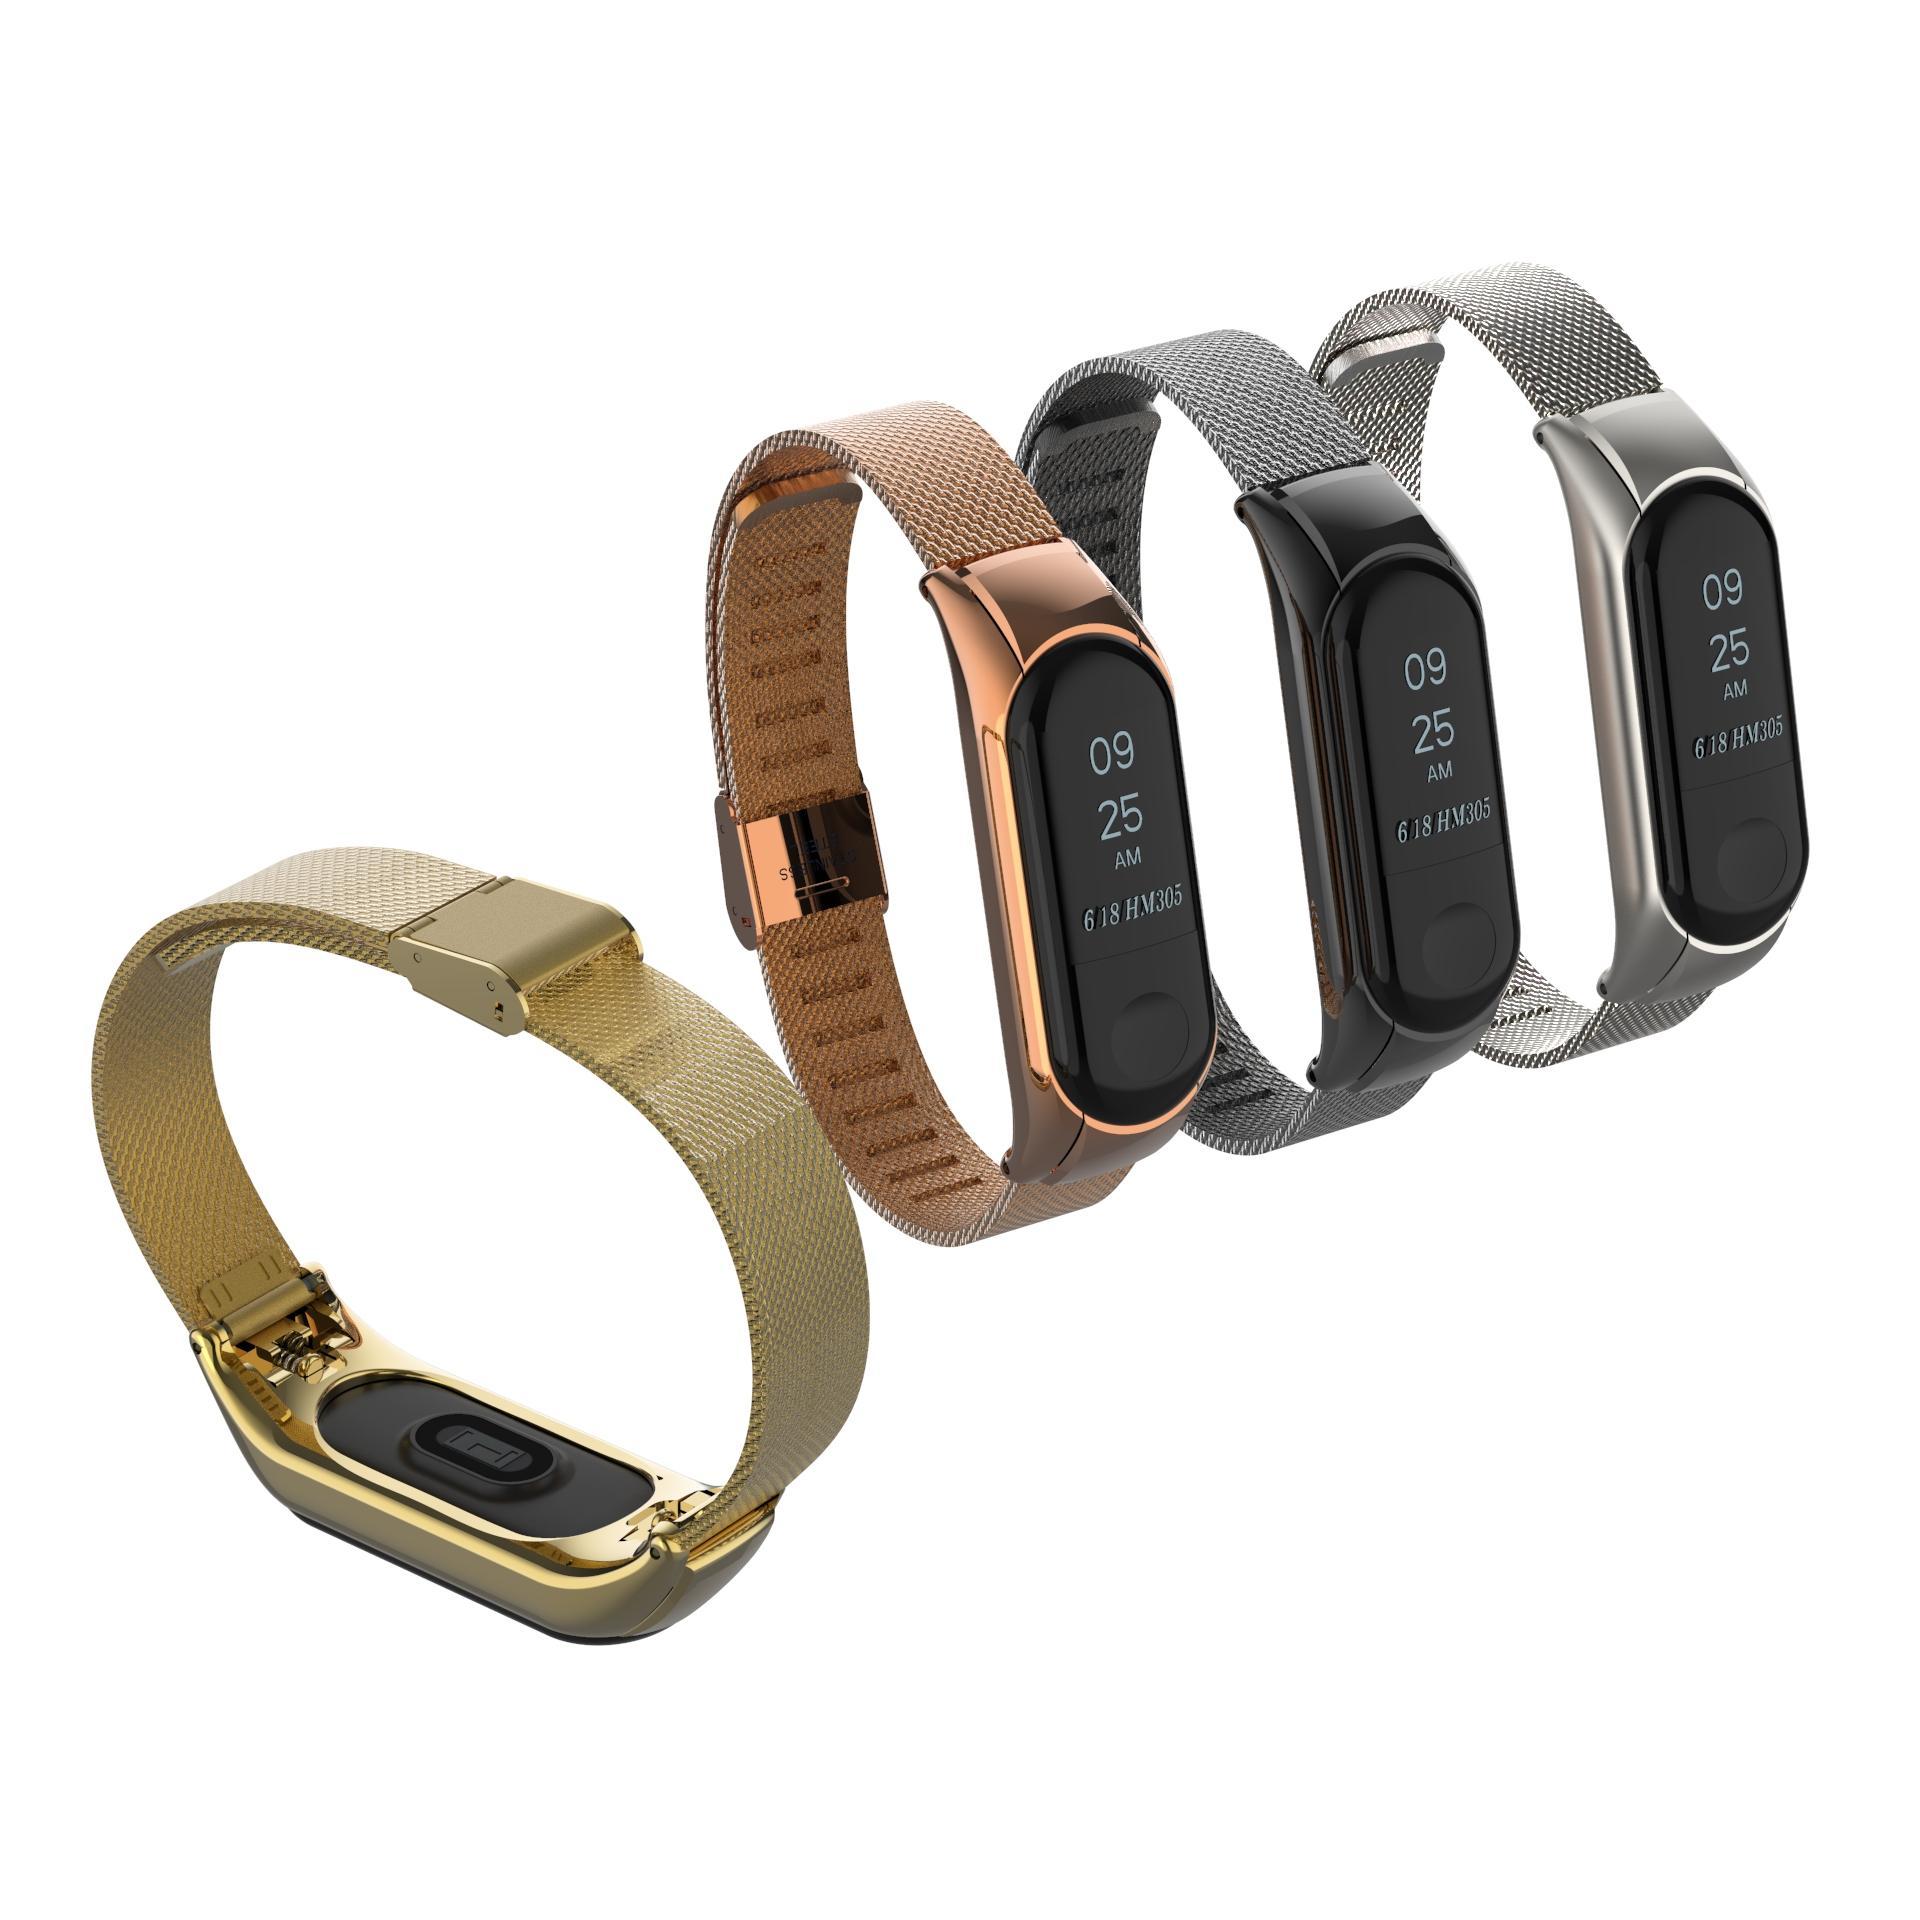 Bakeey Métal Acier Inoxydable Bande Sans Vis de Replacement de Bracelet pour Xiaomi Mi Band 3